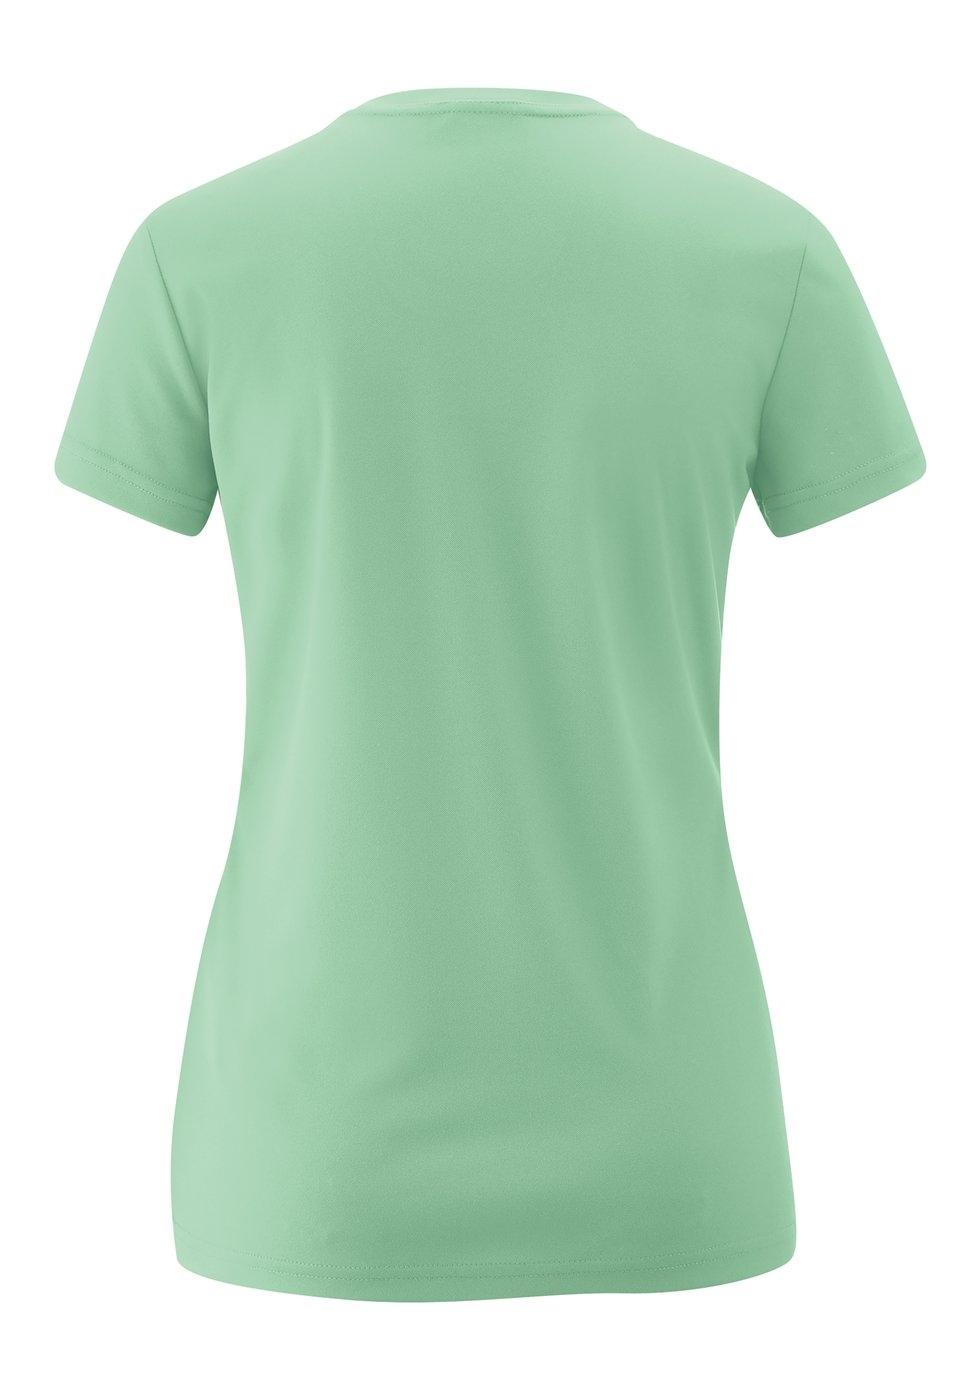 Maier Sports Da. T-Shirt Trudy 252310 green ash